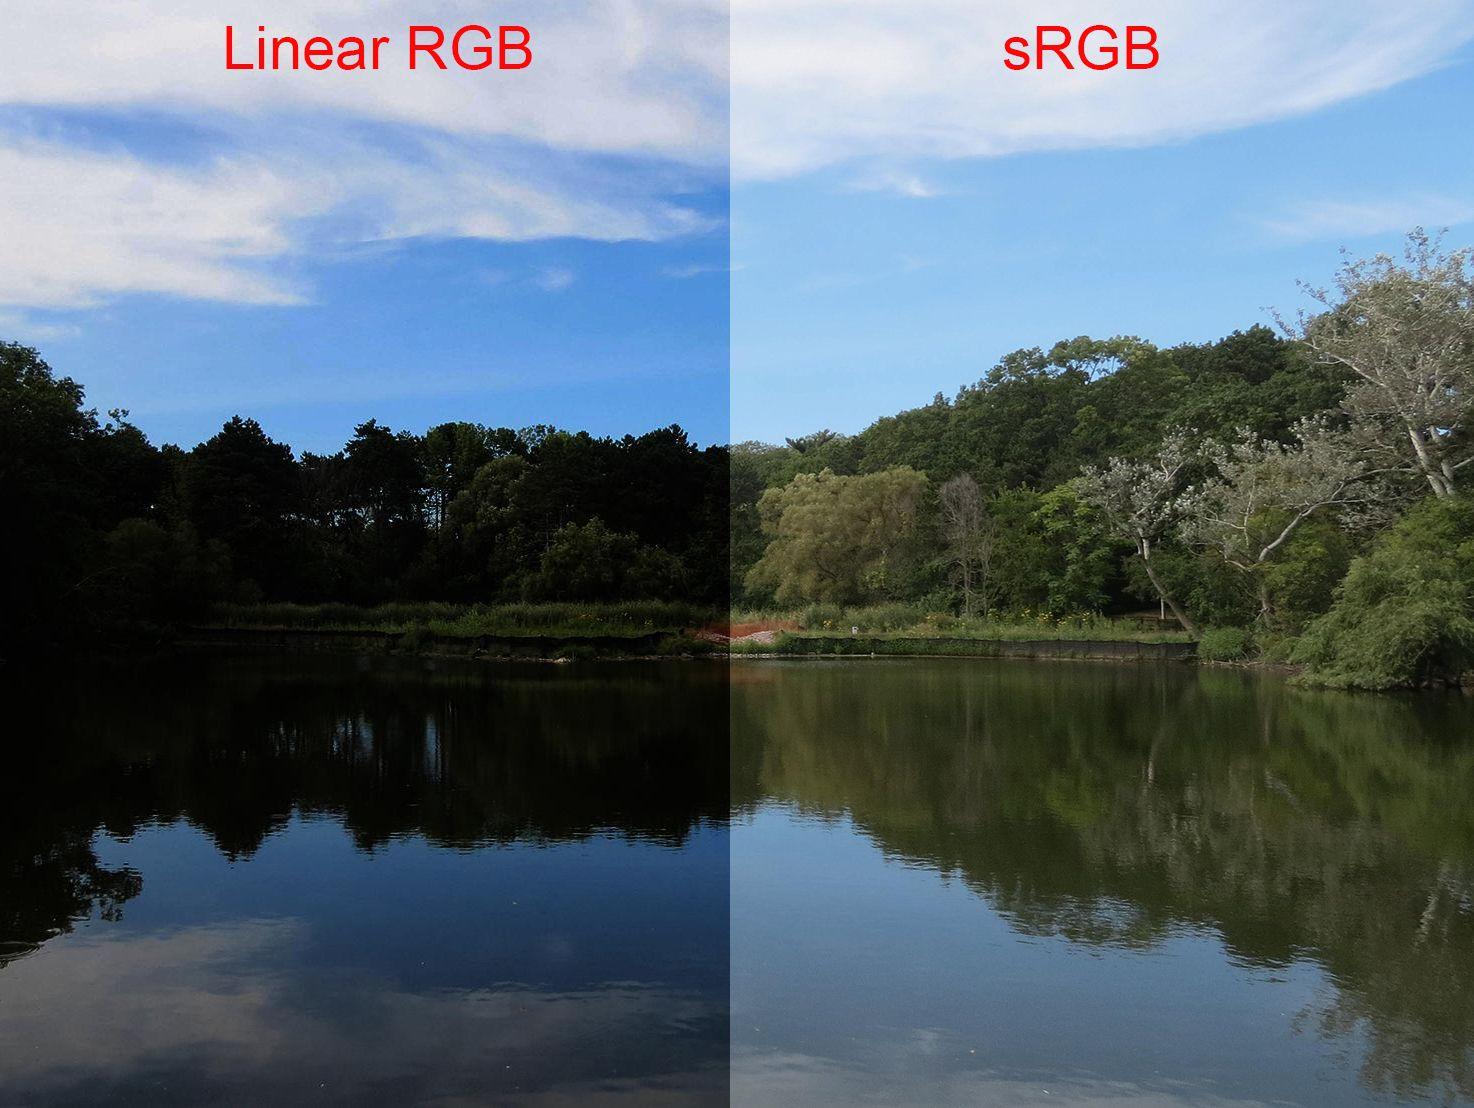 tiêu chuẩn màu cơ bản sRGB